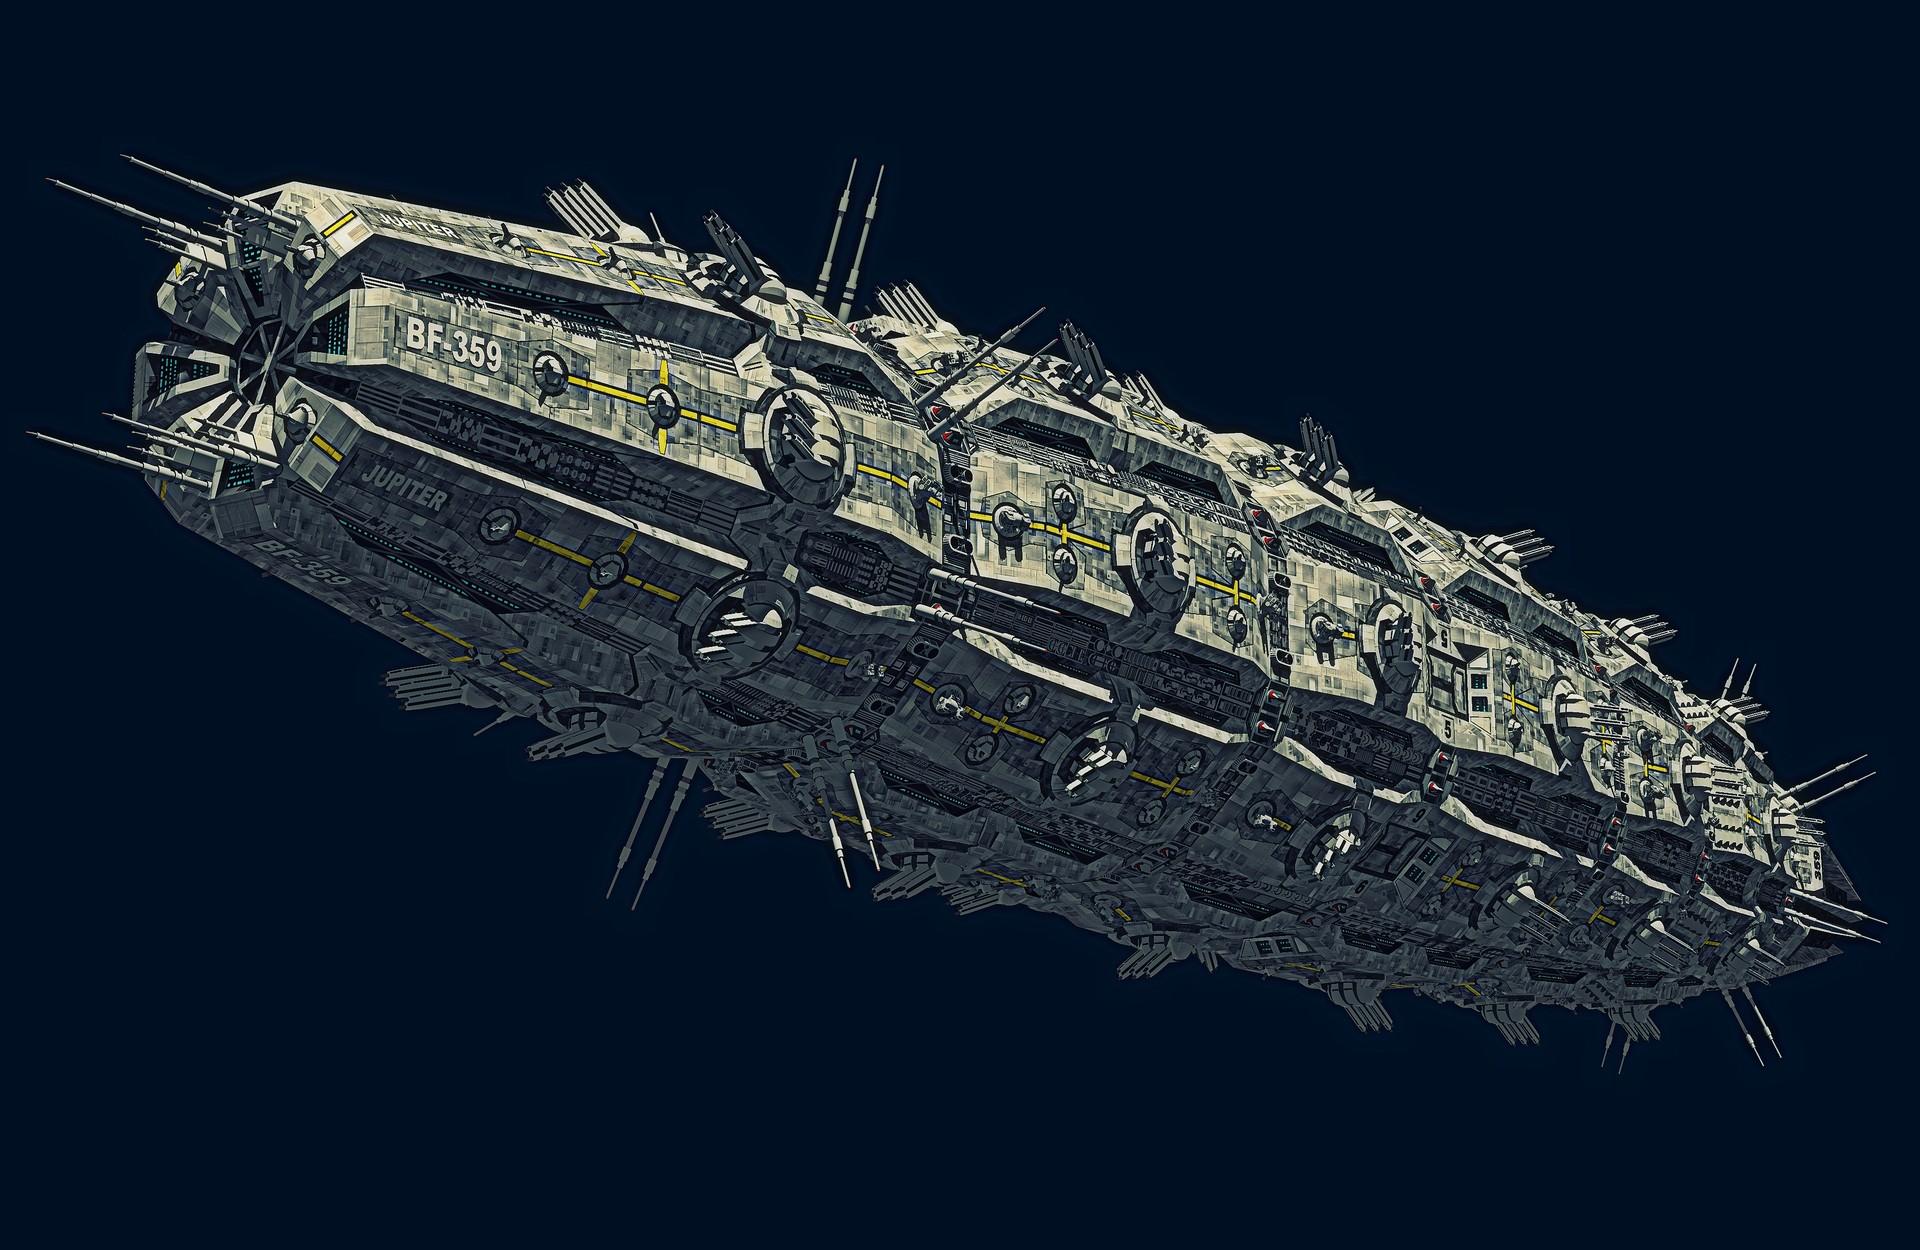 Joachim sverd battleship jupiter class textured1